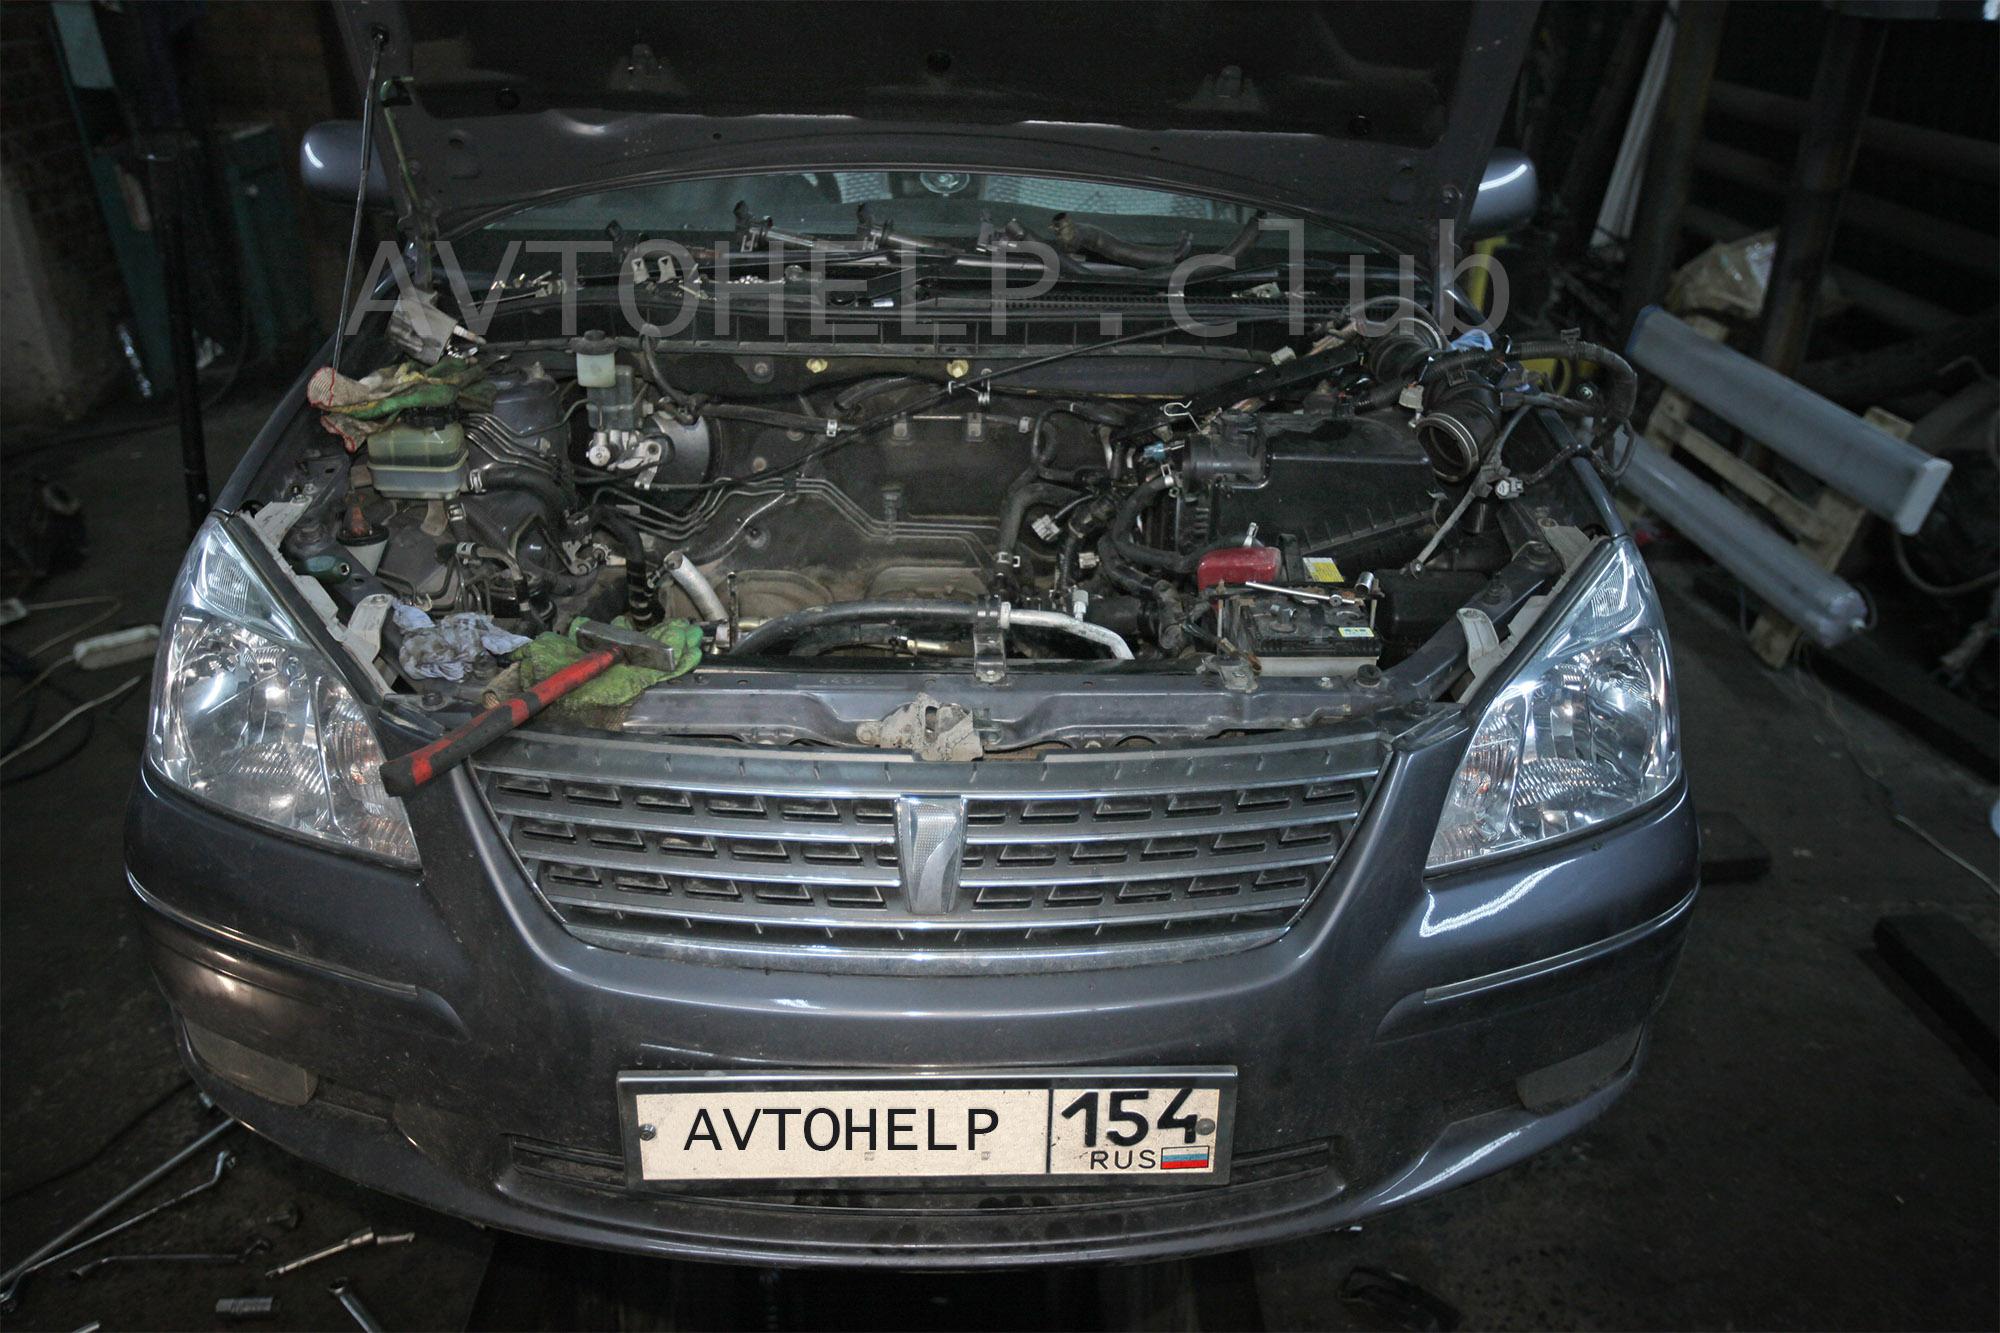 Капитальный ремонт двигателя, автосервис Avtohelp, Новосибирск